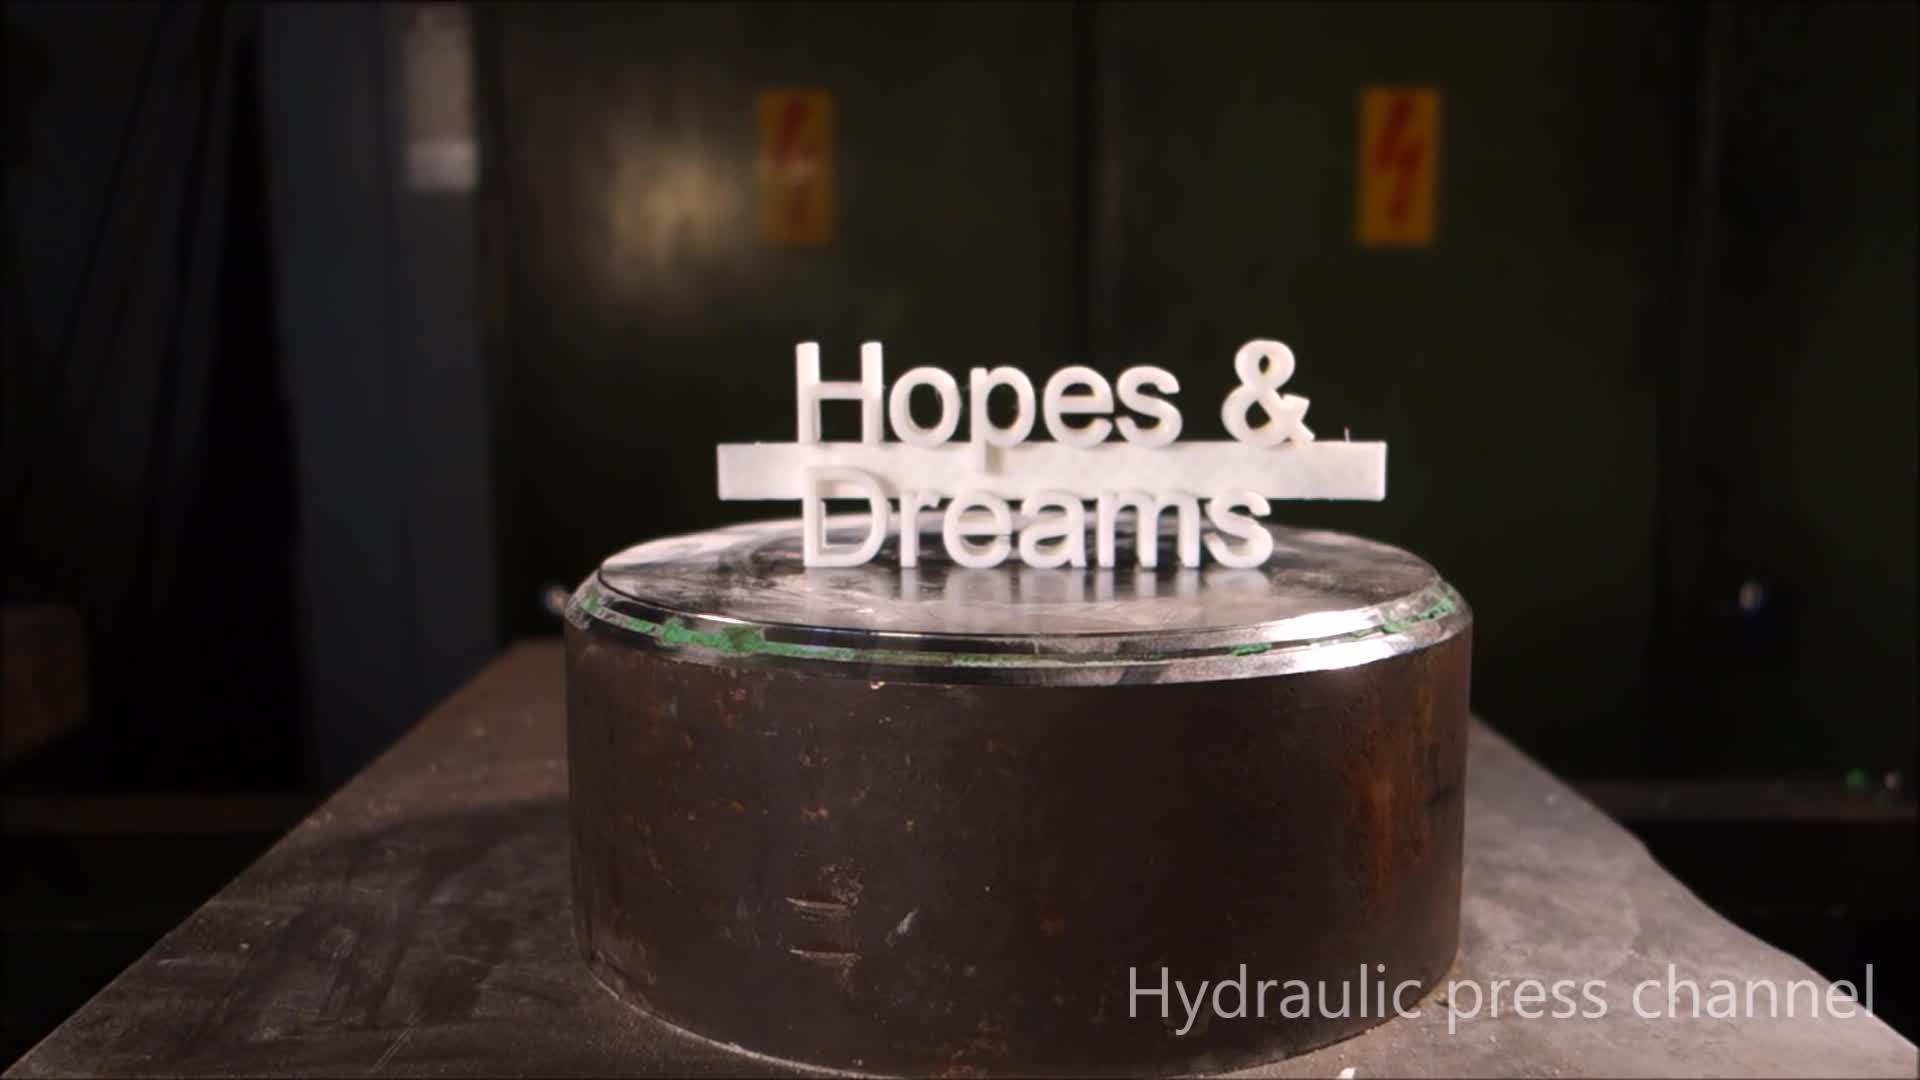 hydraulic press channel, hydraulicpresschannel, meirl, meirl GIFs